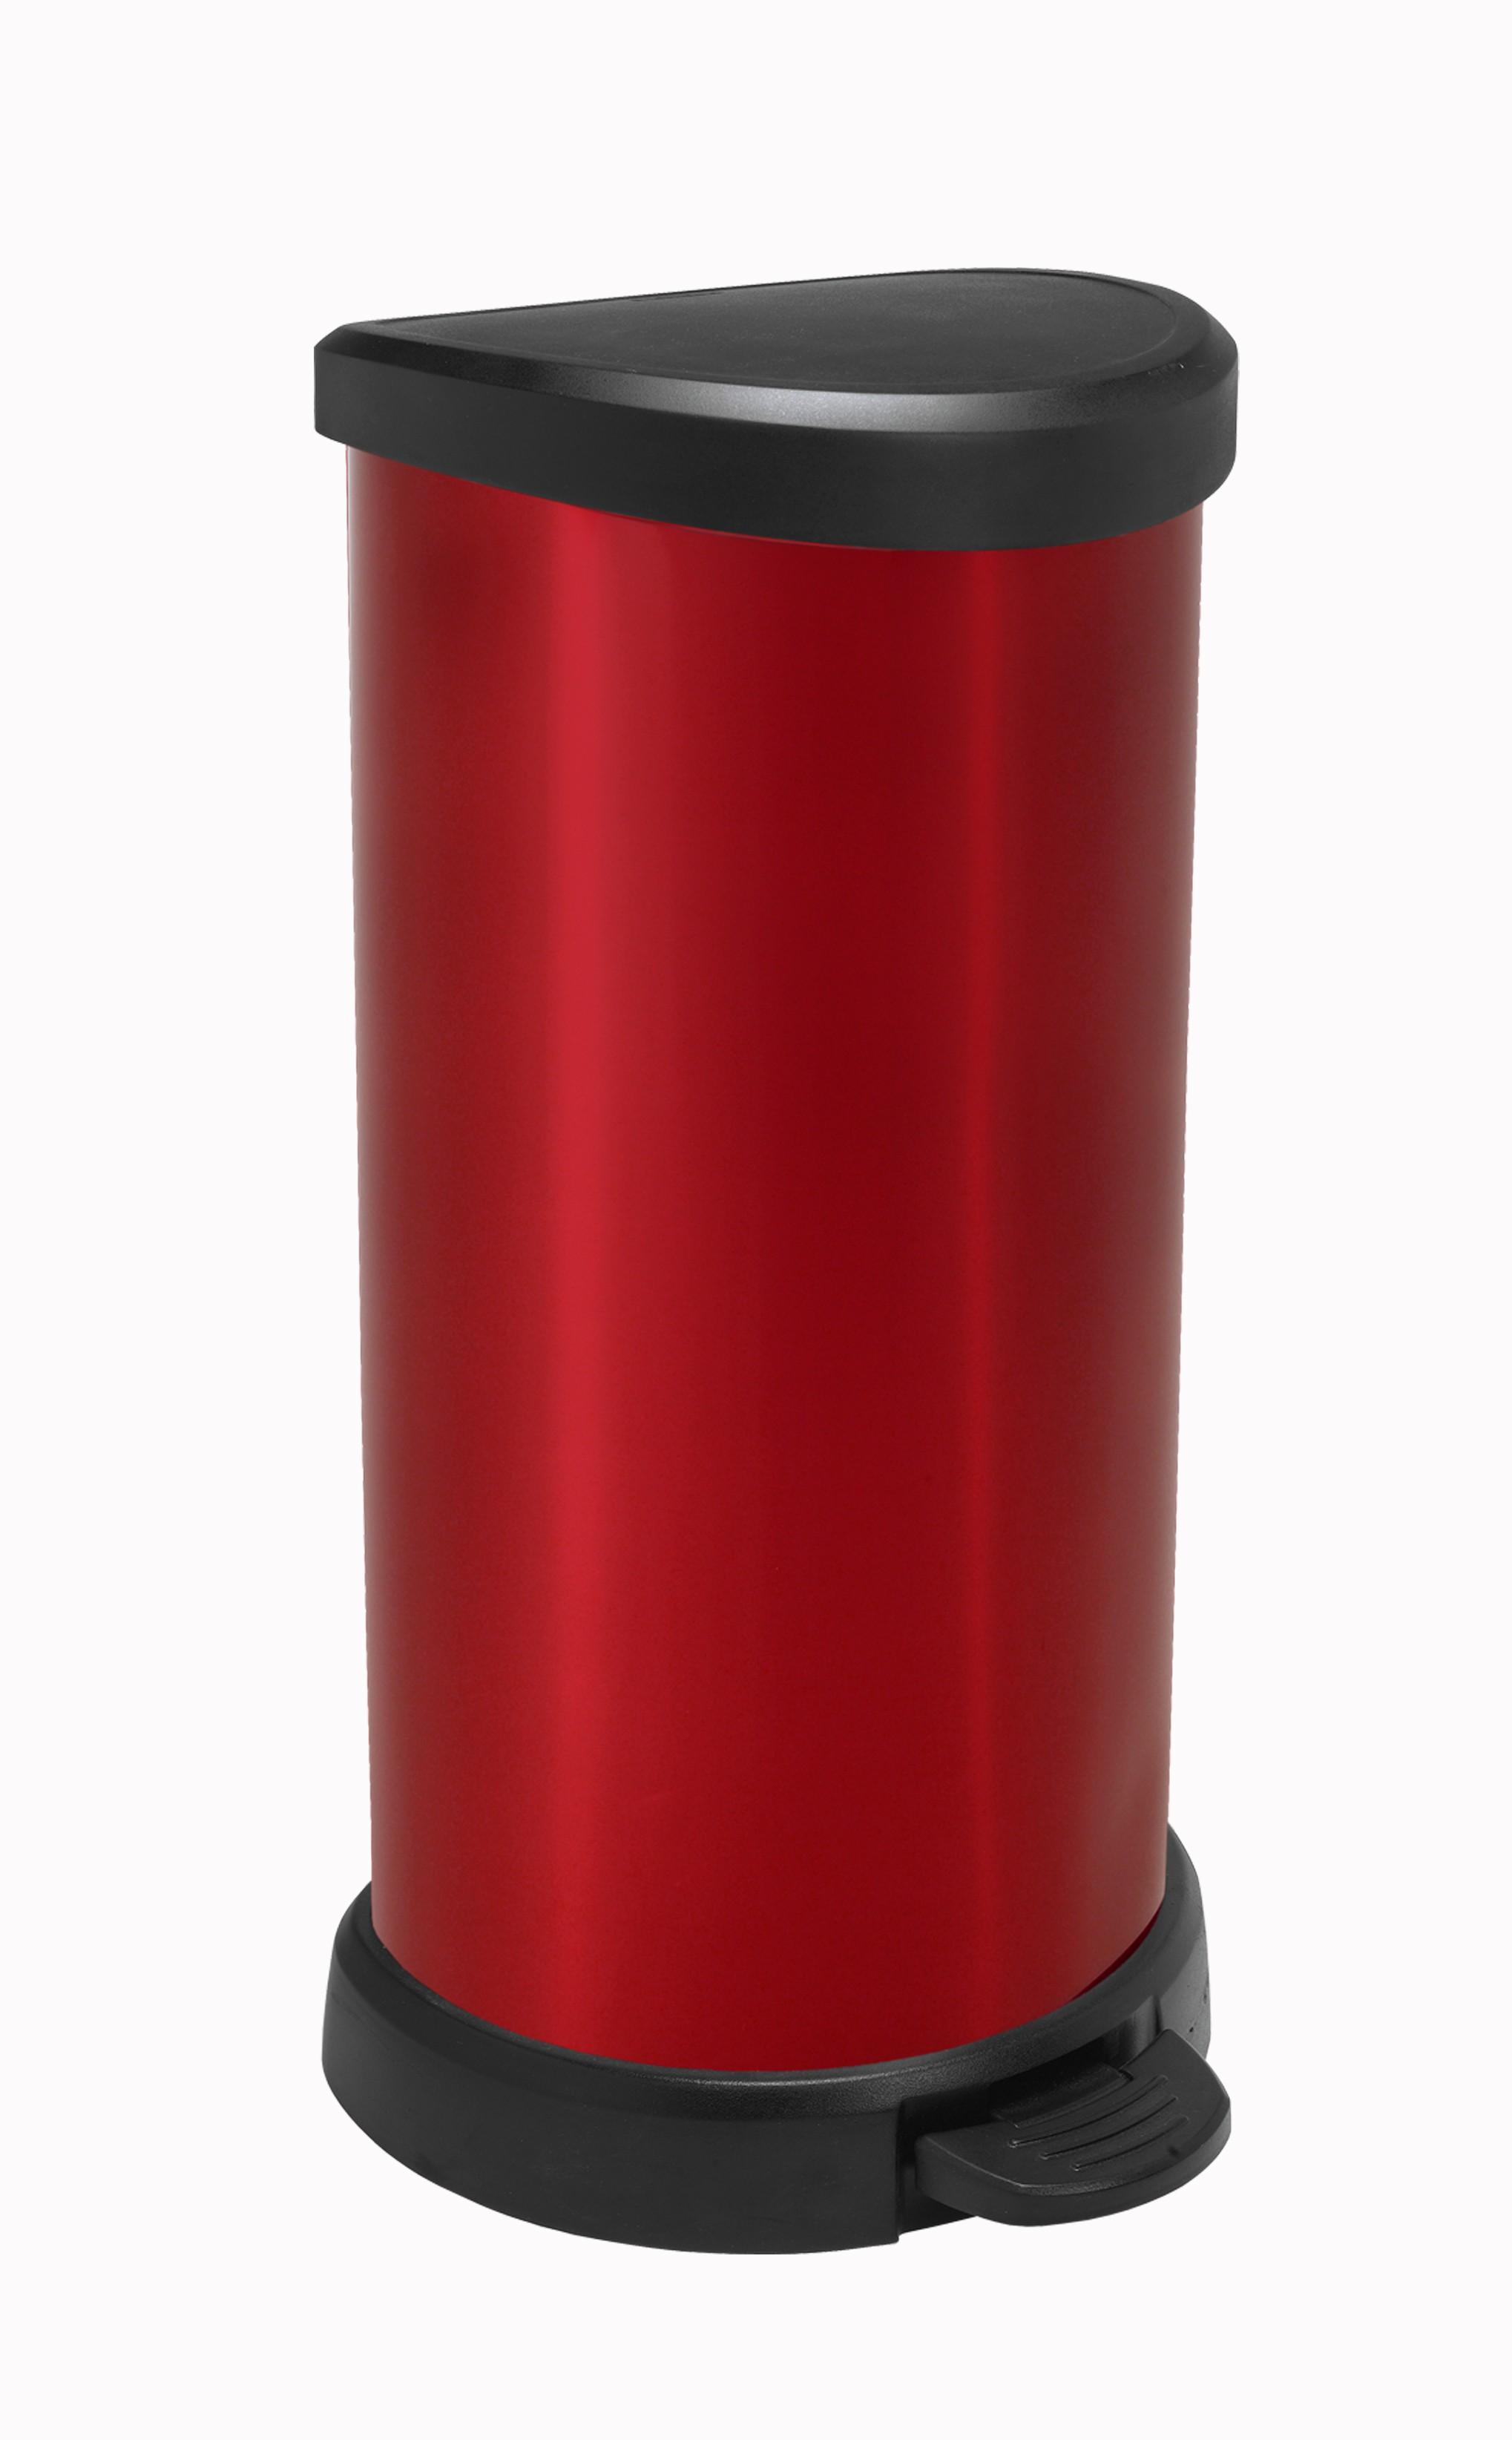 πεντάλ απορριμάτων curver 40lit πλαστικό κόκκινο home   αξεσουαρ κουζινας   δοχεία απορριμάτων